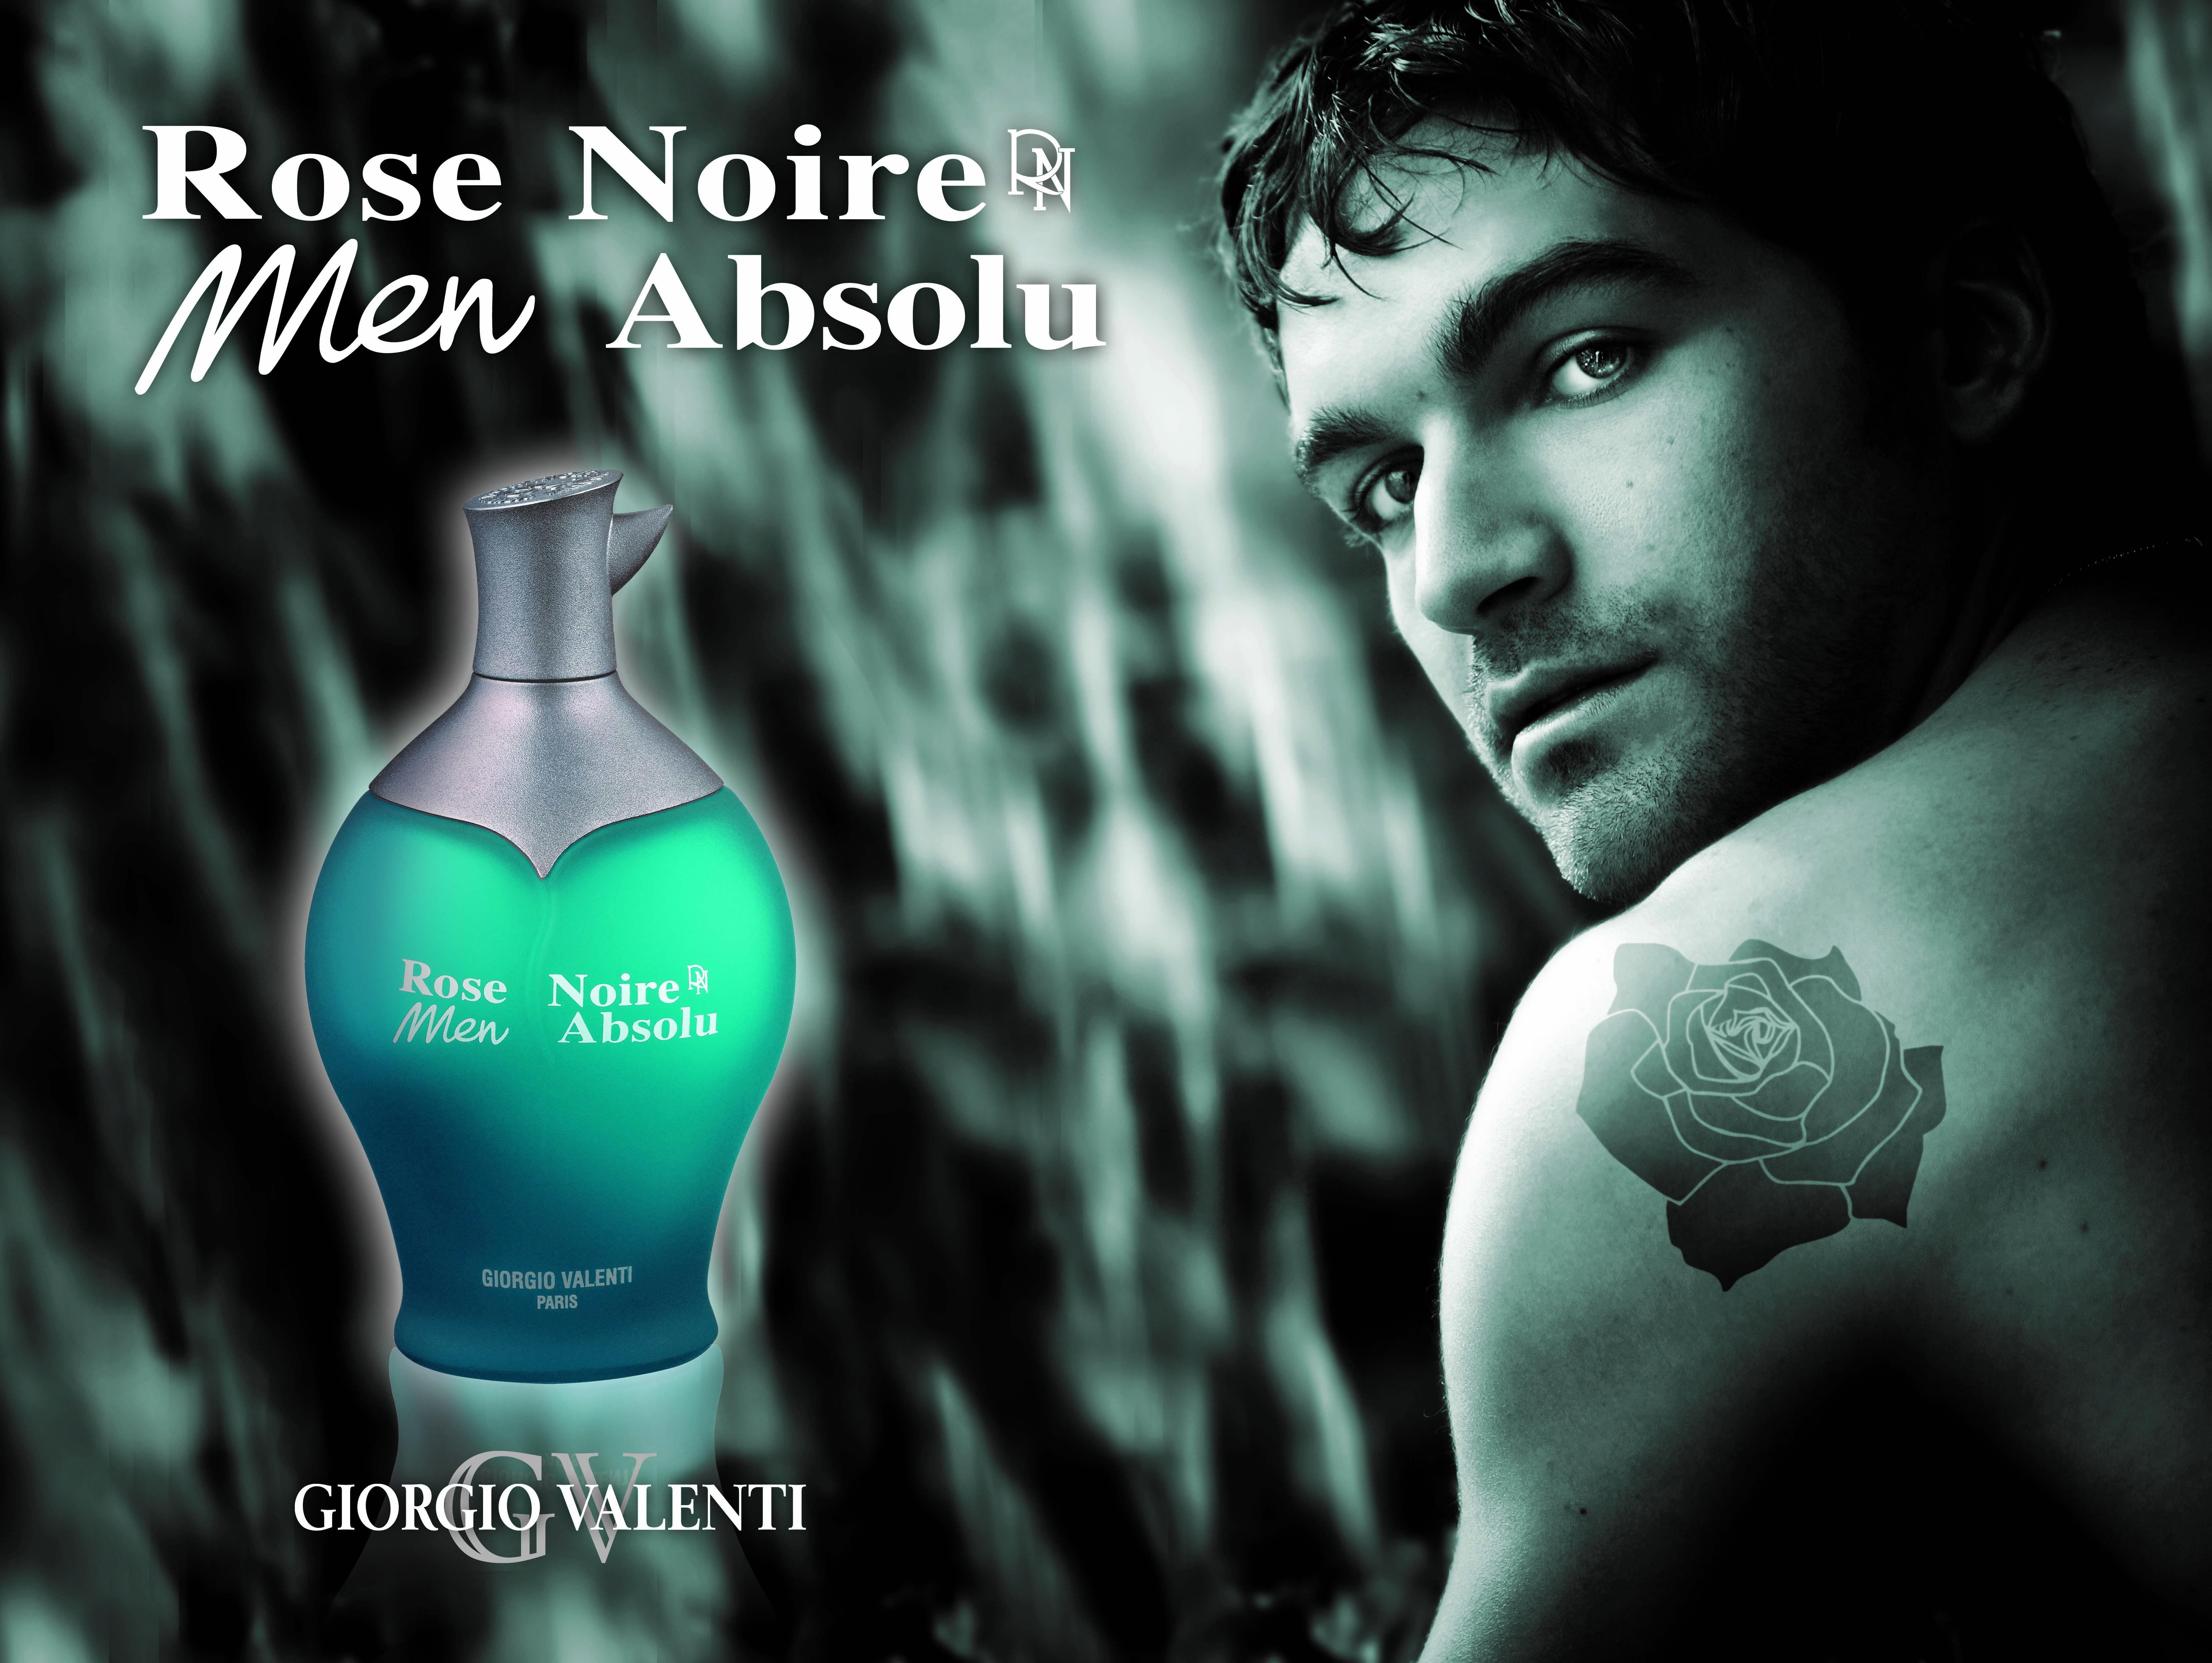 77- Rose Noire Absolu Men - Giorgio Valenti (for men)